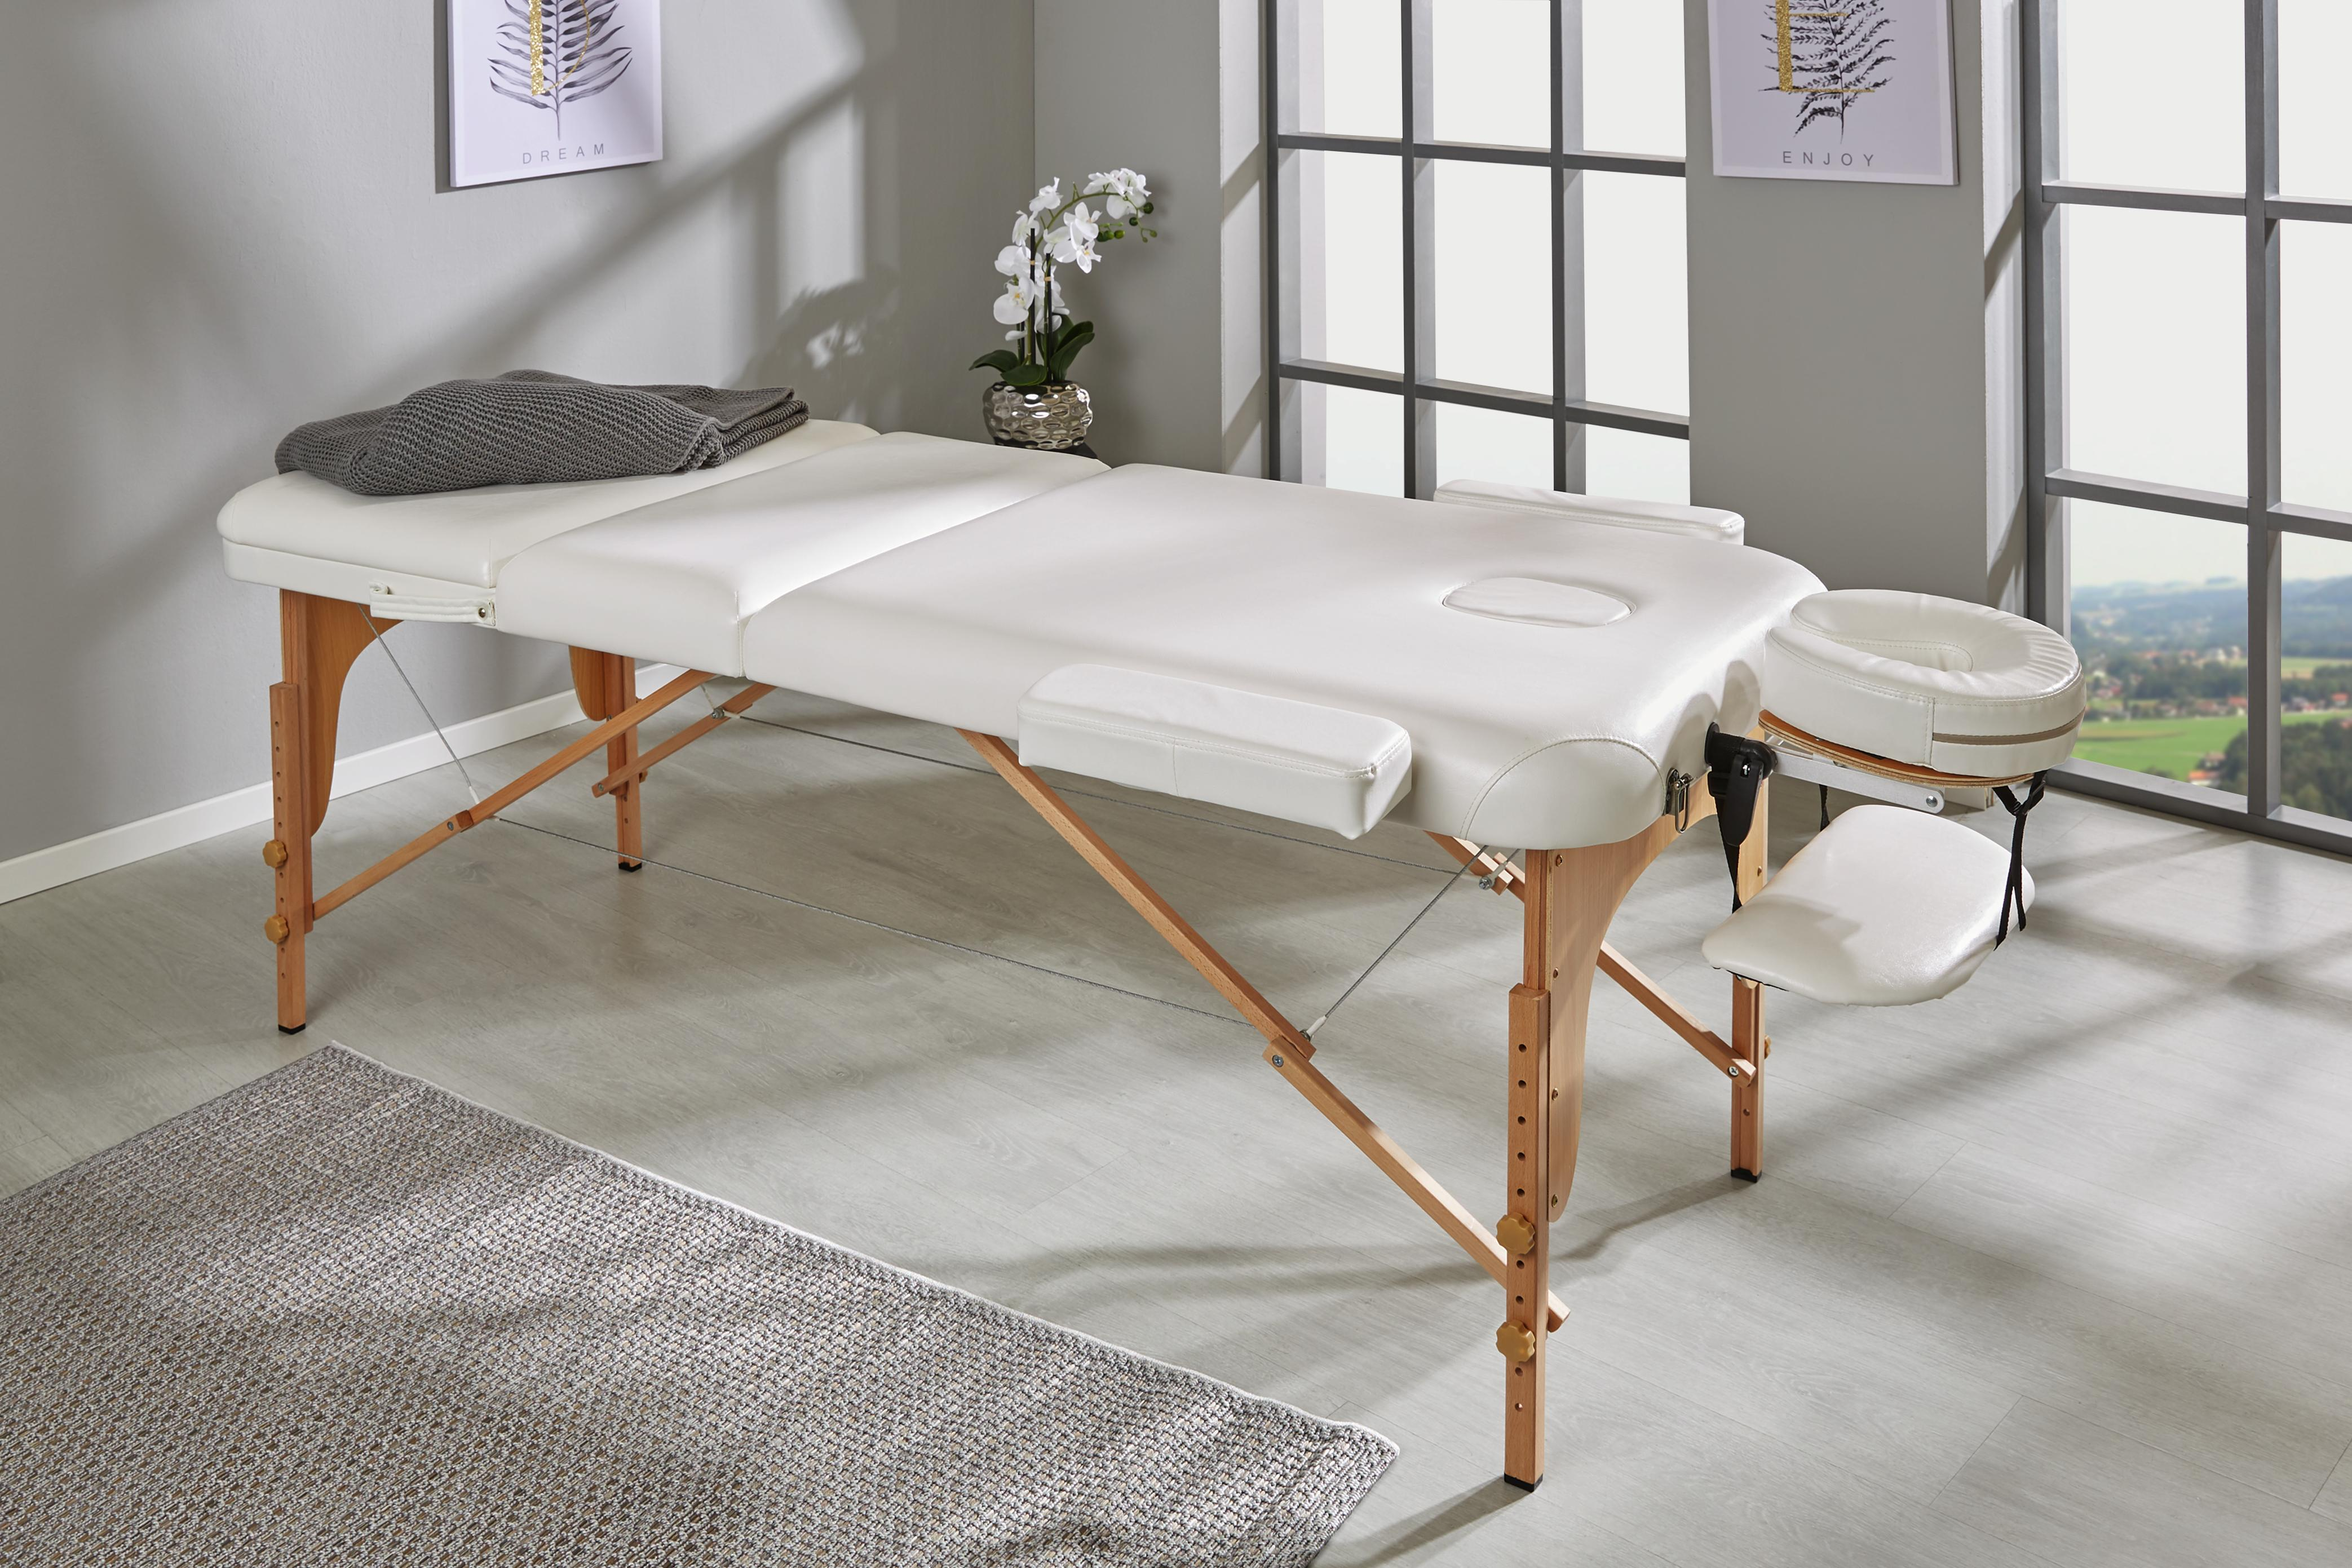 Massageliege mit Holzgestell